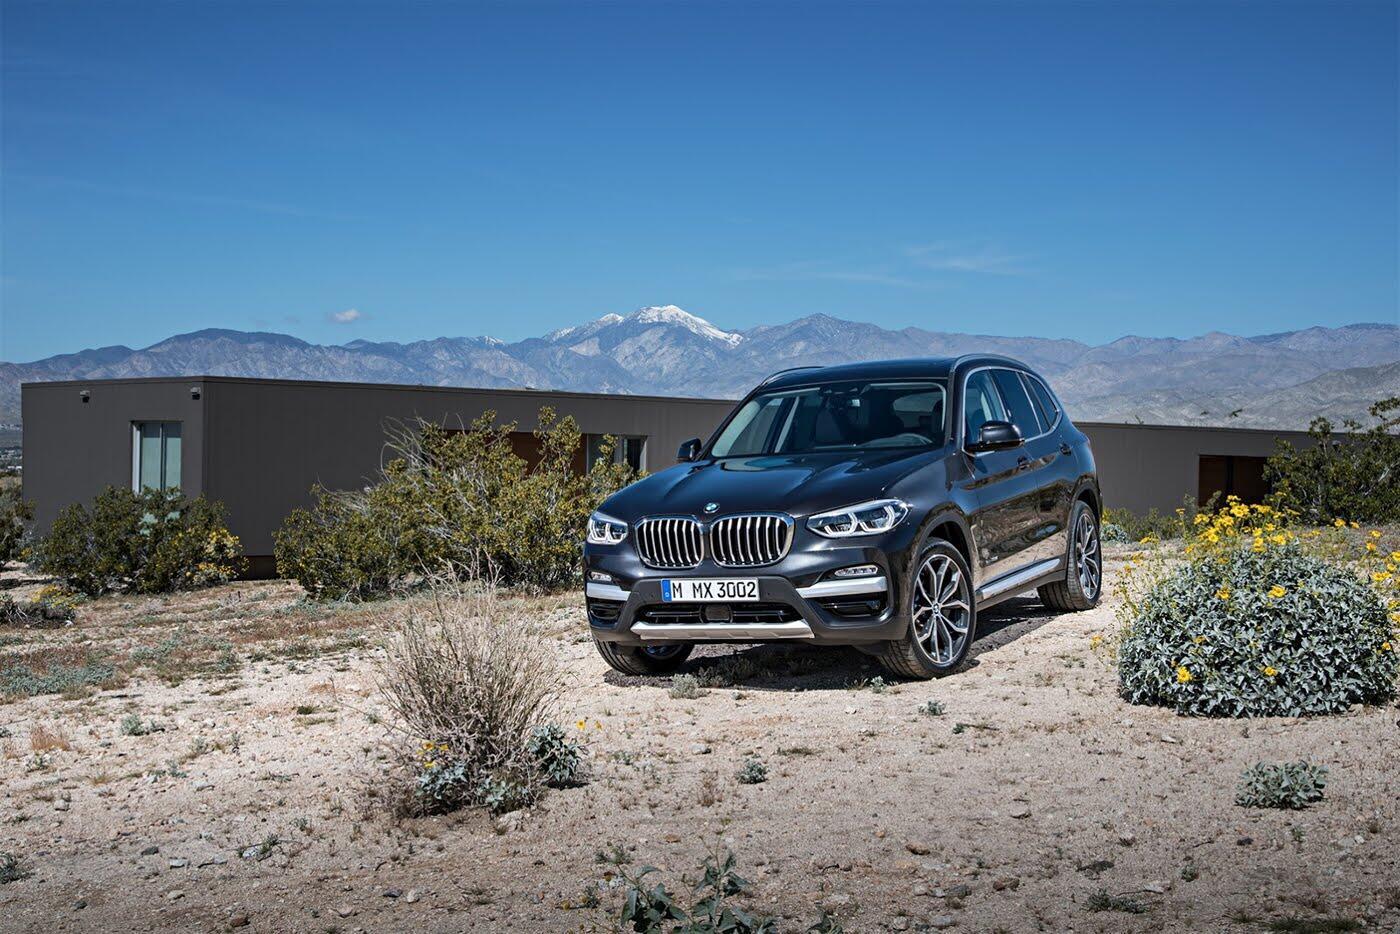 Ảnh chi tiết BMW X3 2018 hoàn toàn mới - Hình 24